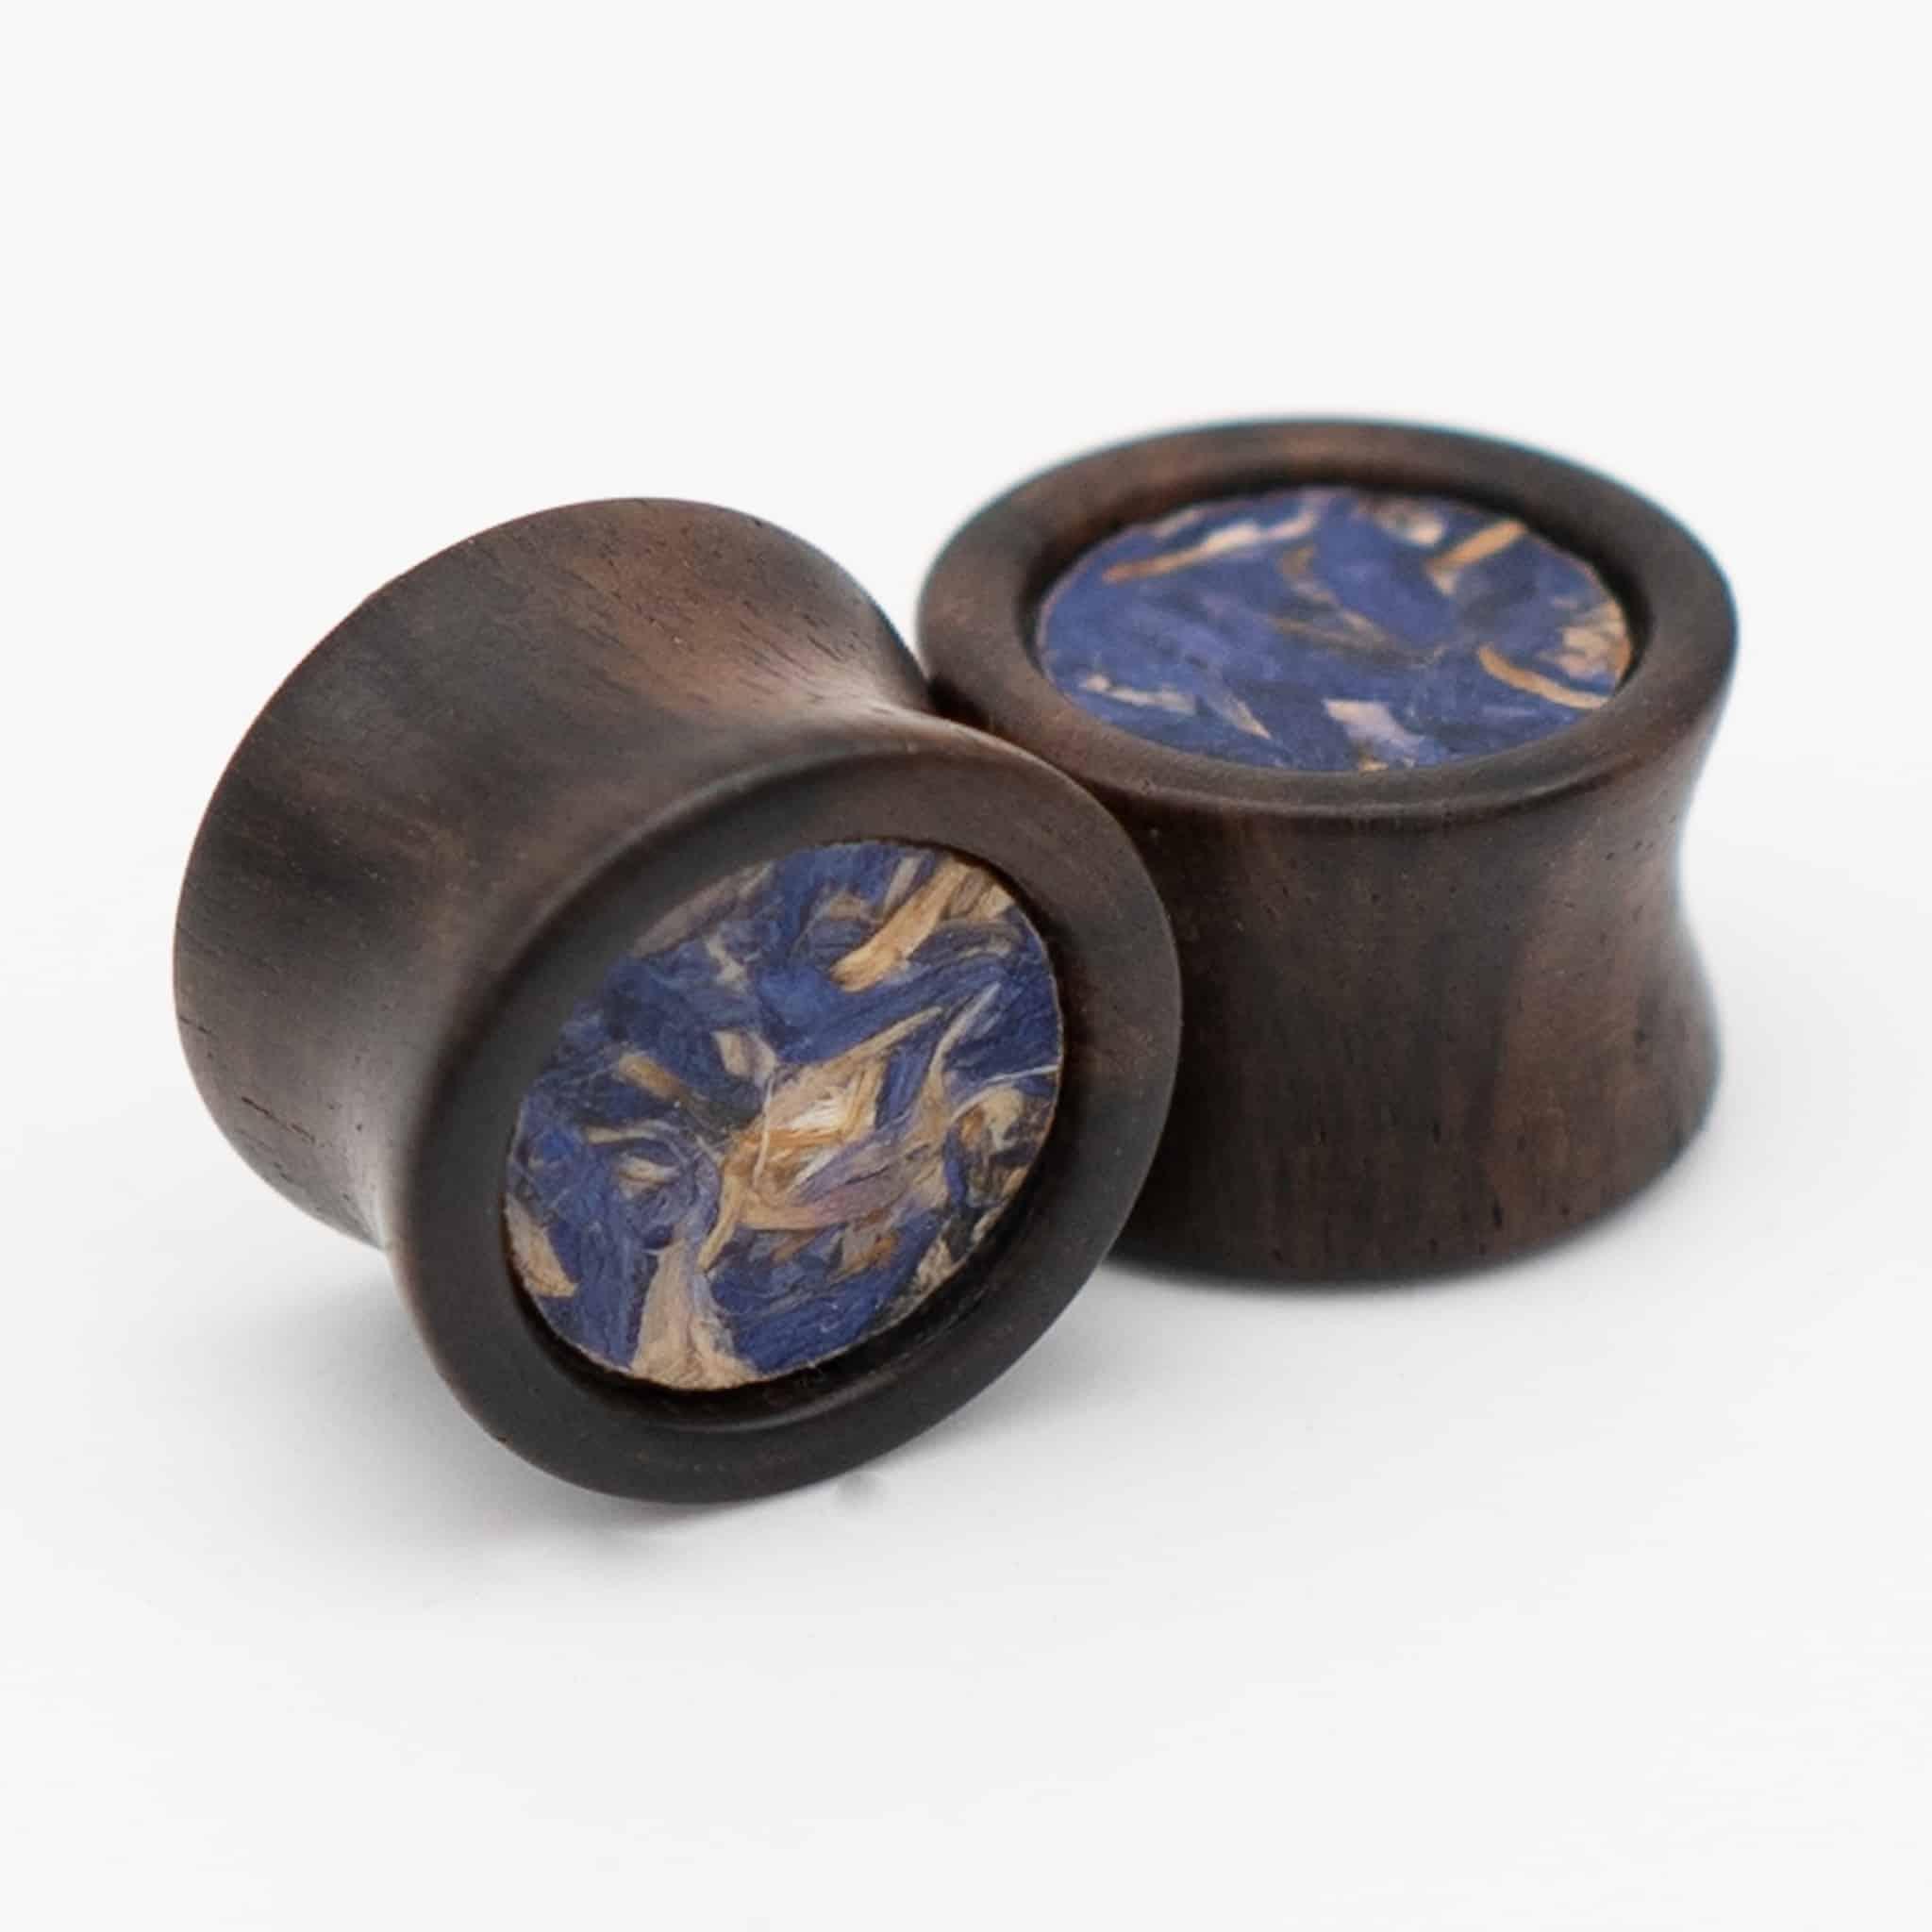 Handgefertigter Holz-plug aus Ebenholz in 14mm, liebevolle Handarbeit mit blauer Blumen einlage